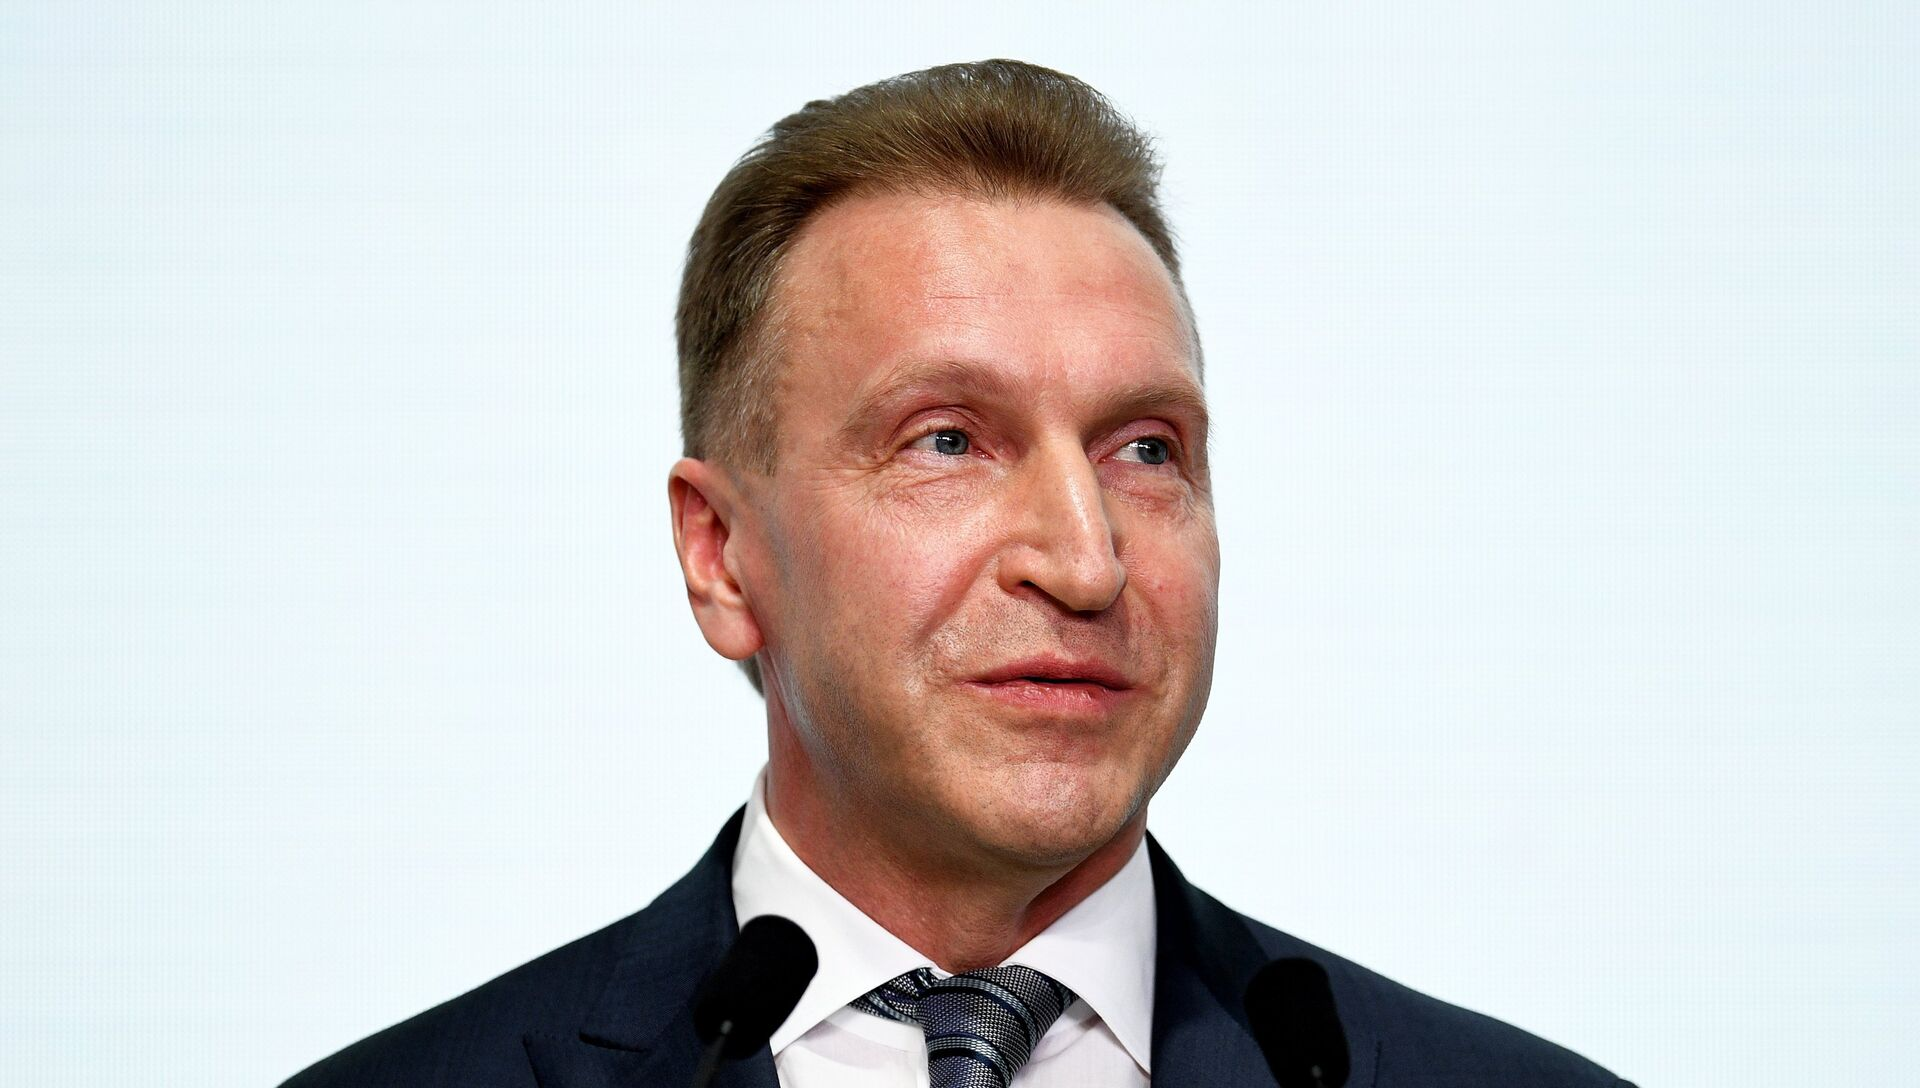 Первый заместитель председателя правительства РФ Игорь Шувалов - РИА Новости, 1920, 18.07.2018